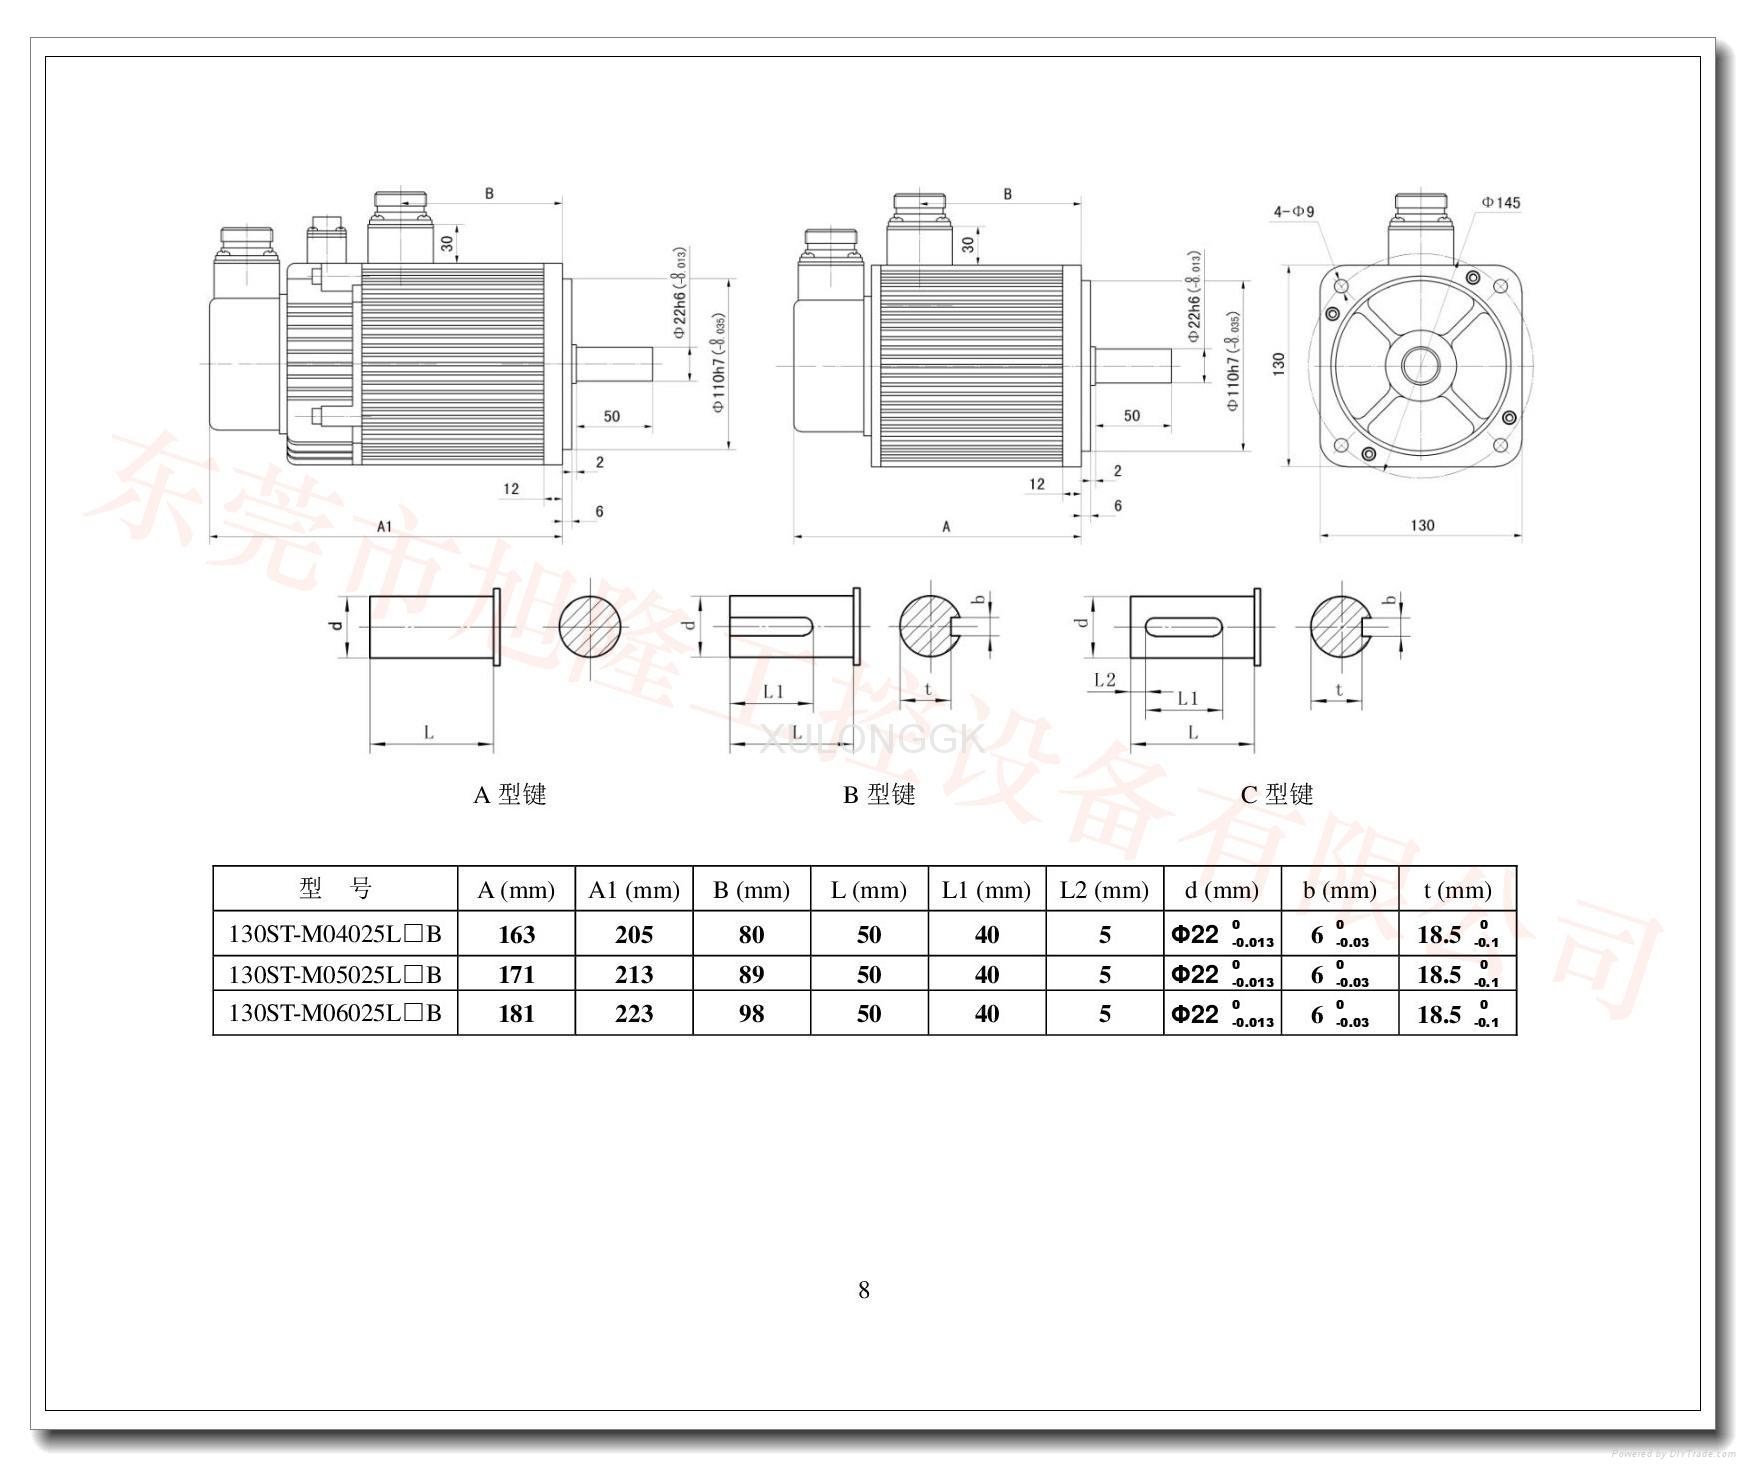 华大伺服电机配K系列驱动器130ST-M06025LFB 1.5kw 6N  220V 数控车床替安川0.85kw用 3